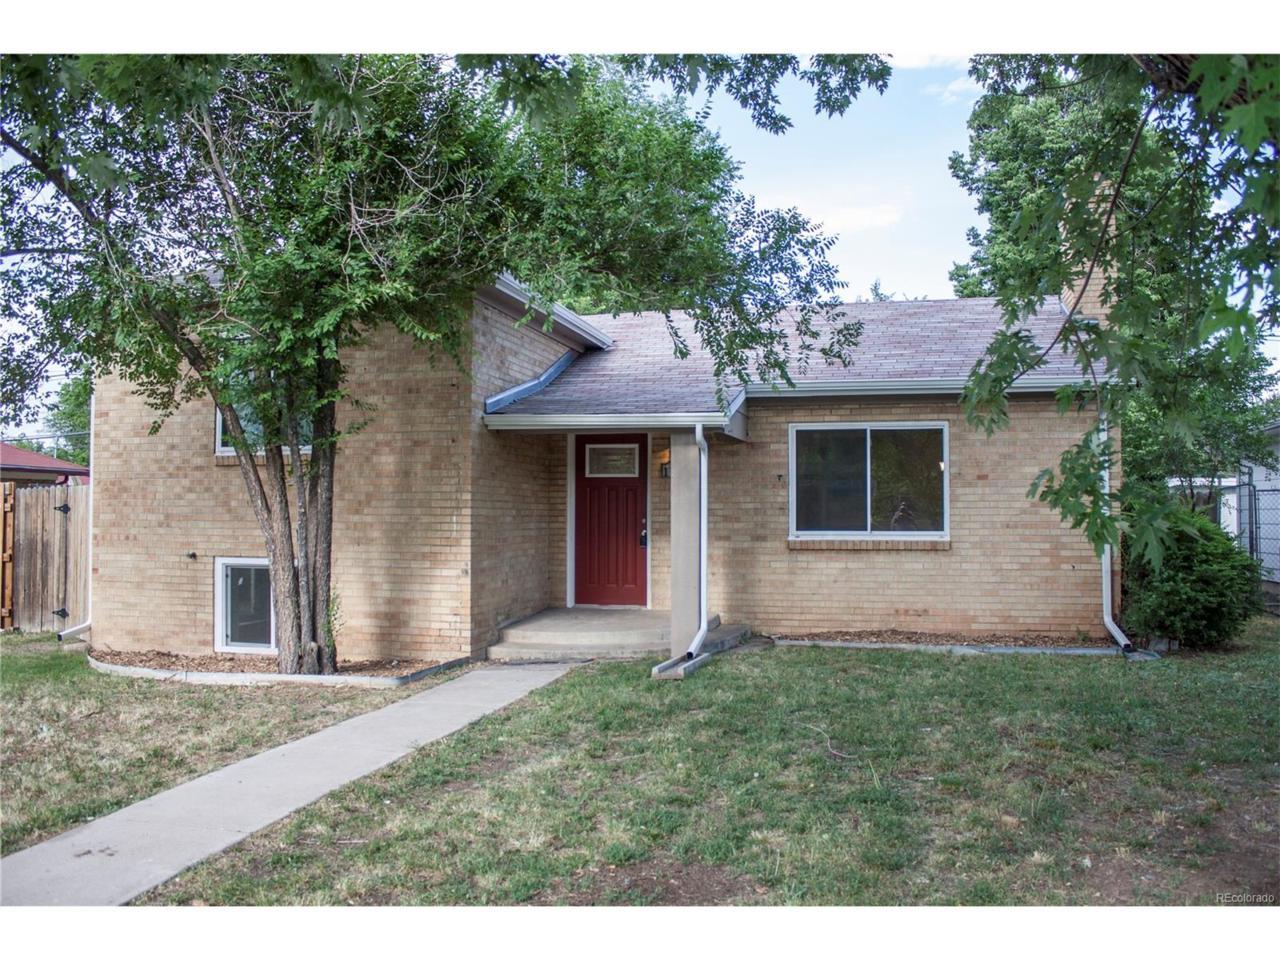 1780 Quebec Street, Denver, CO 80220 (MLS #2819443) :: 8z Real Estate